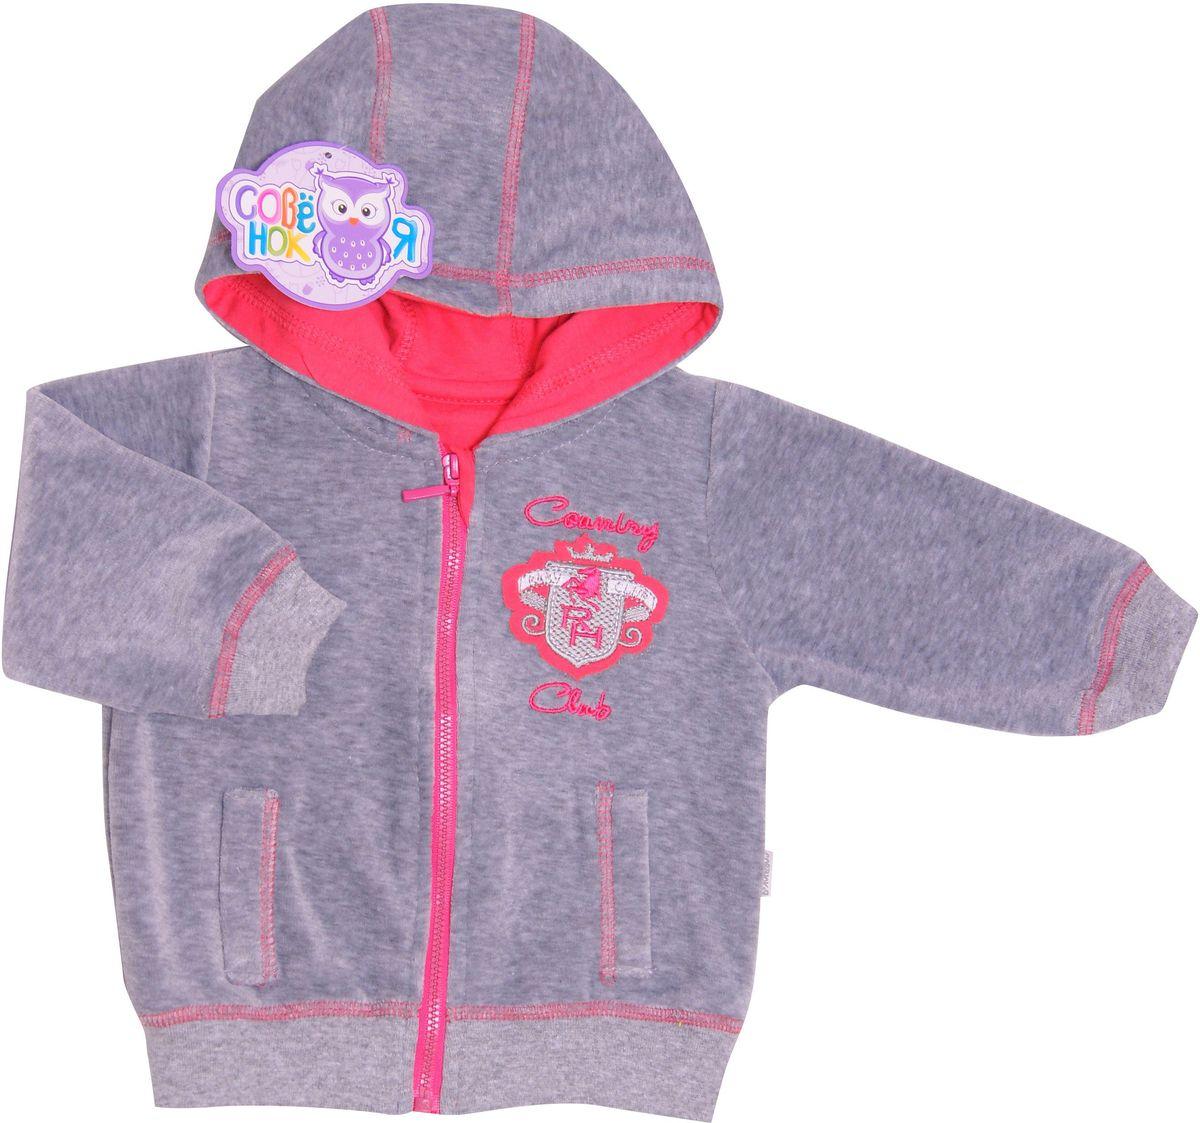 Куртка7-2019 РКуртка для девочки Неон изготовлена из велюра. Ткань мягкая, легкая и приятная на ощупь, плоские швы приятны телу и не препятствуют движениям. Модель снабжена застежкой-молнией, капюшоном и двумя кармашками. Манжеты рукавов и низ куртки дополнены эластичной резинкой. Модель украшена вышивкой на груди.